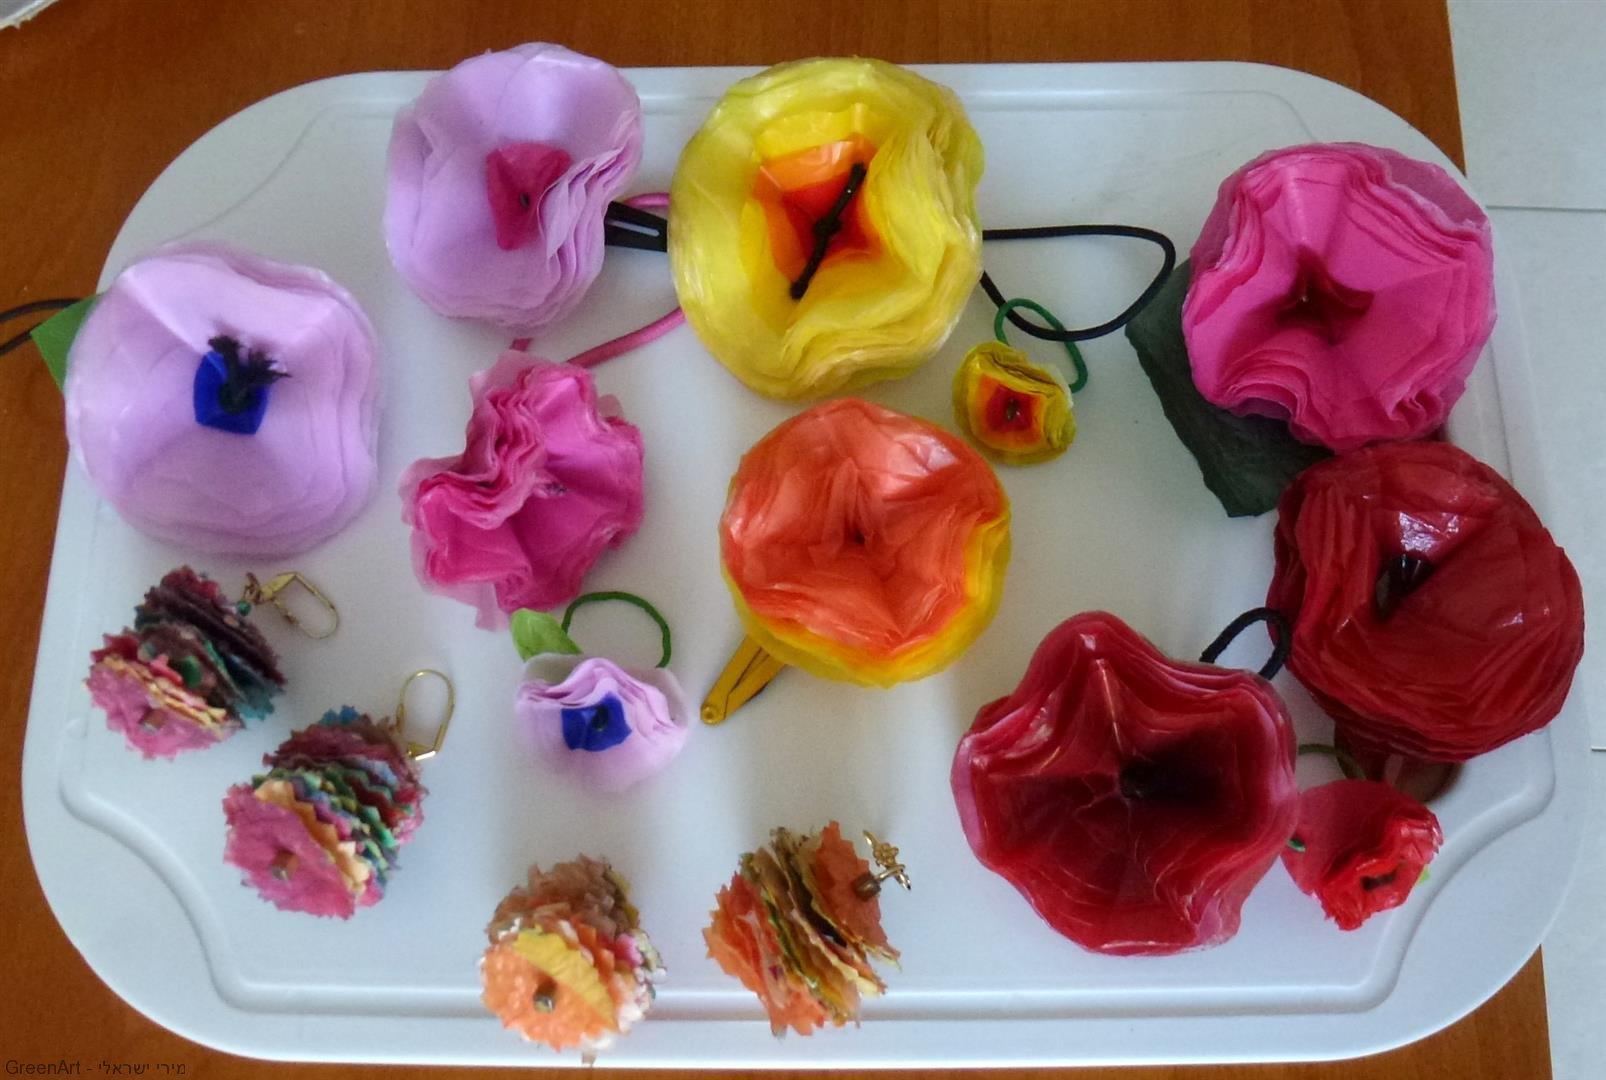 יצירה ירוקה לעיצוב פרחים צבעוניים משקיות פלסטיק בשימוש חוזר- אמנות אקולוגית